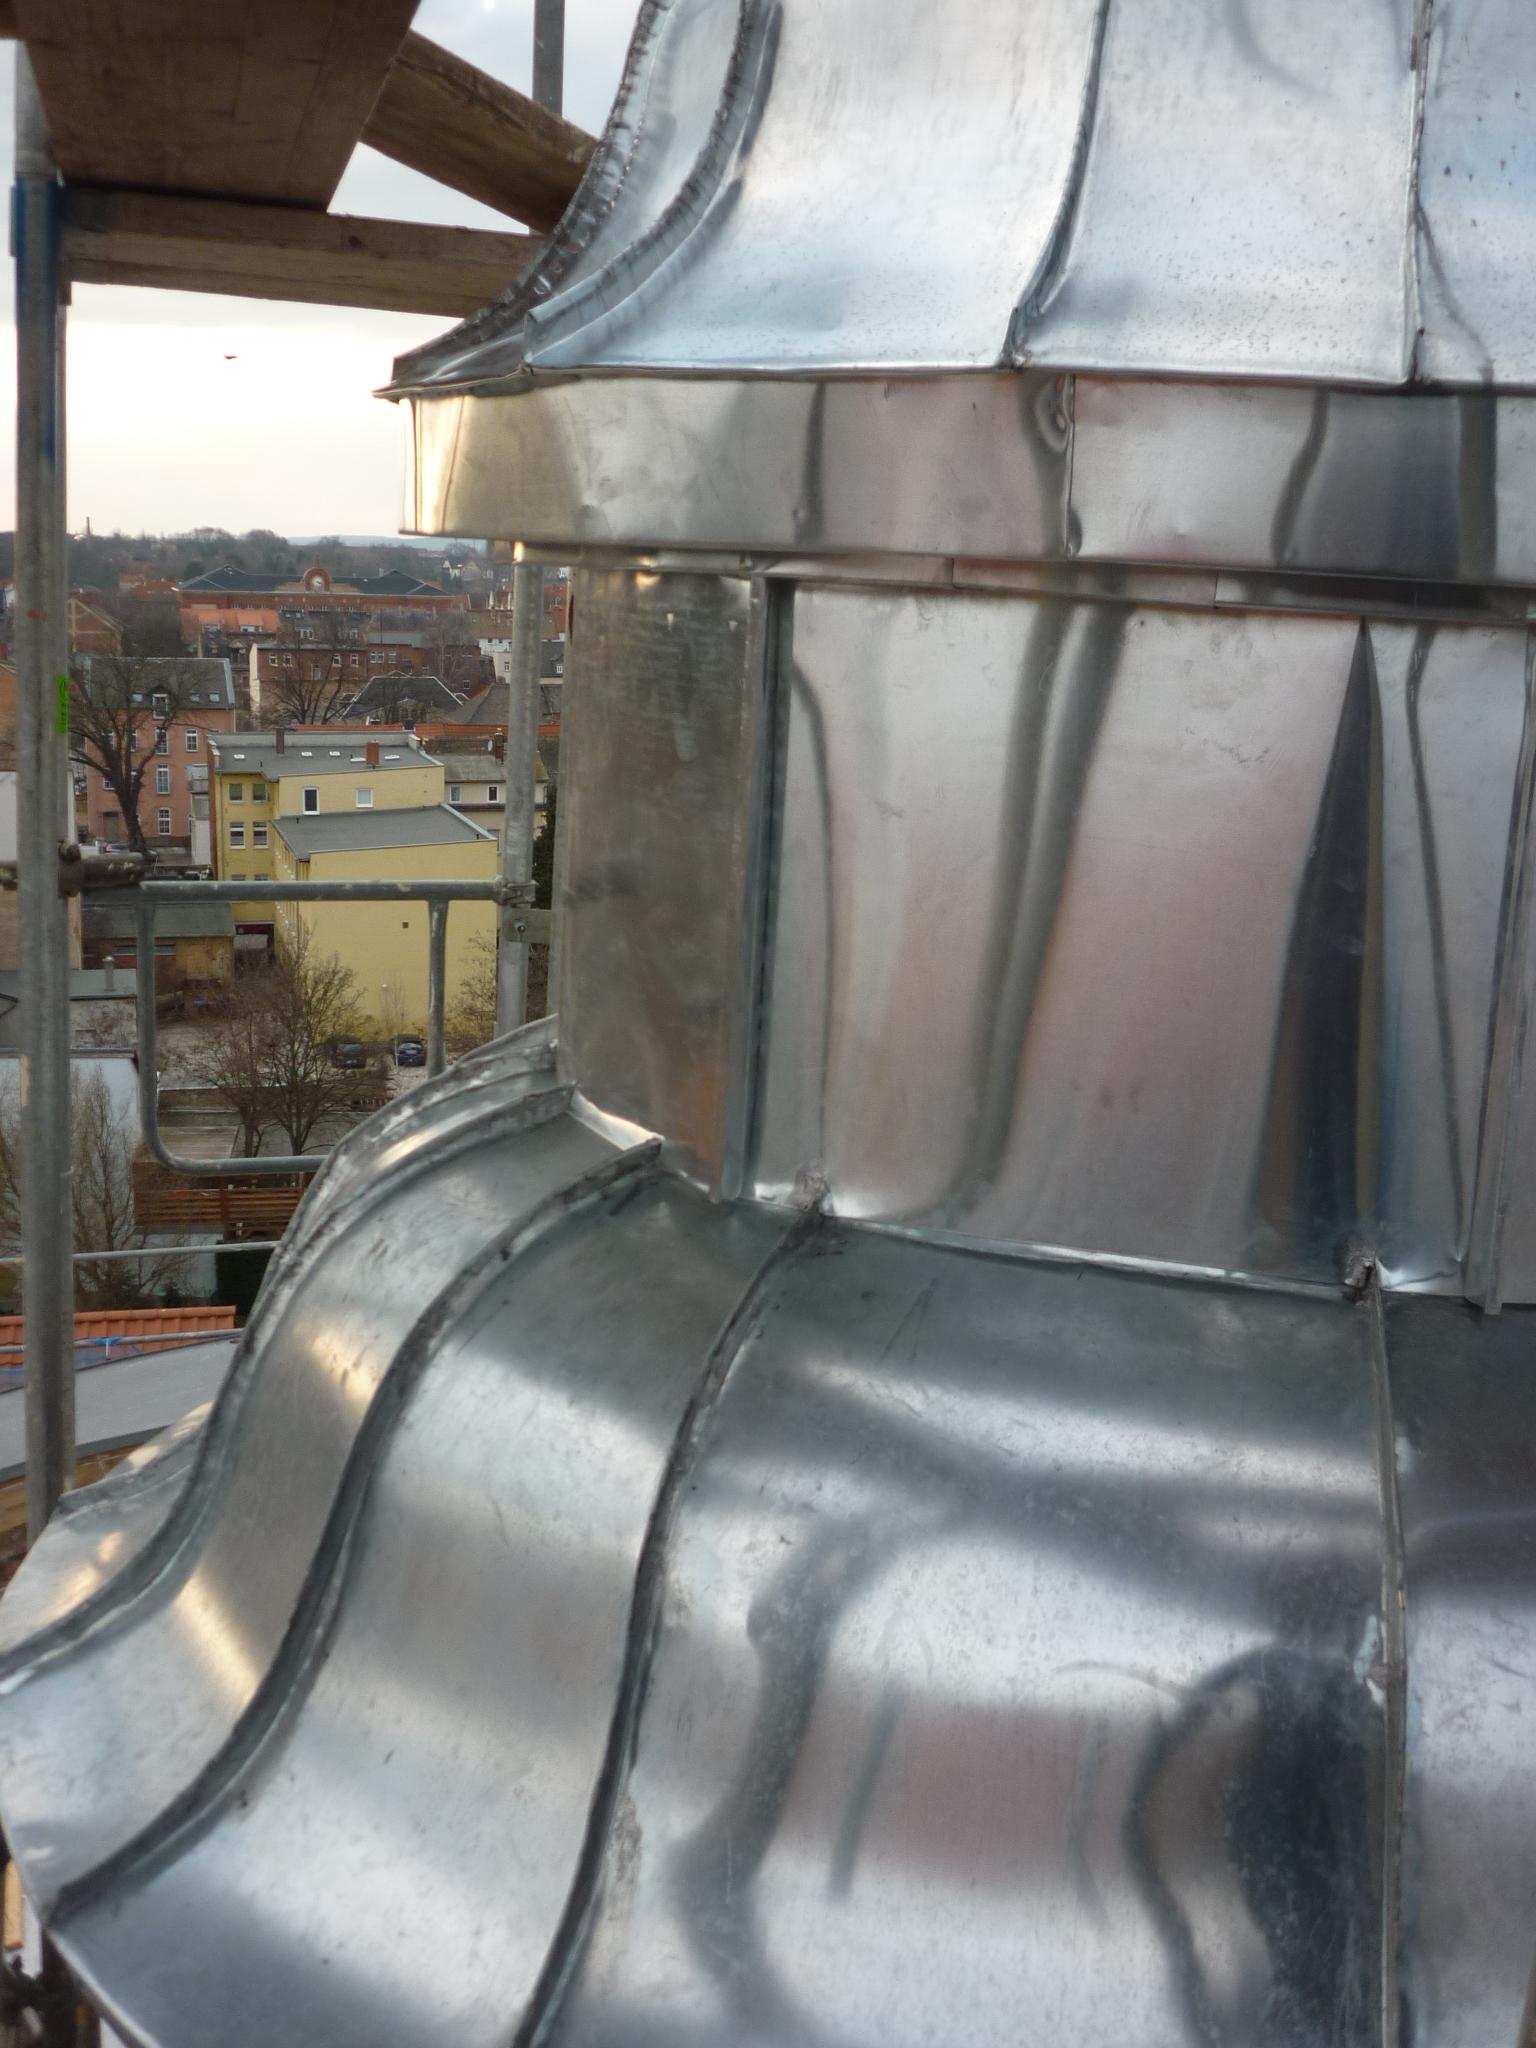 Außenfassade: Endzustand mit neu gefertigter Zinkverkleidung inklusive konkav-konvexer Kranzgesimsabdeckung